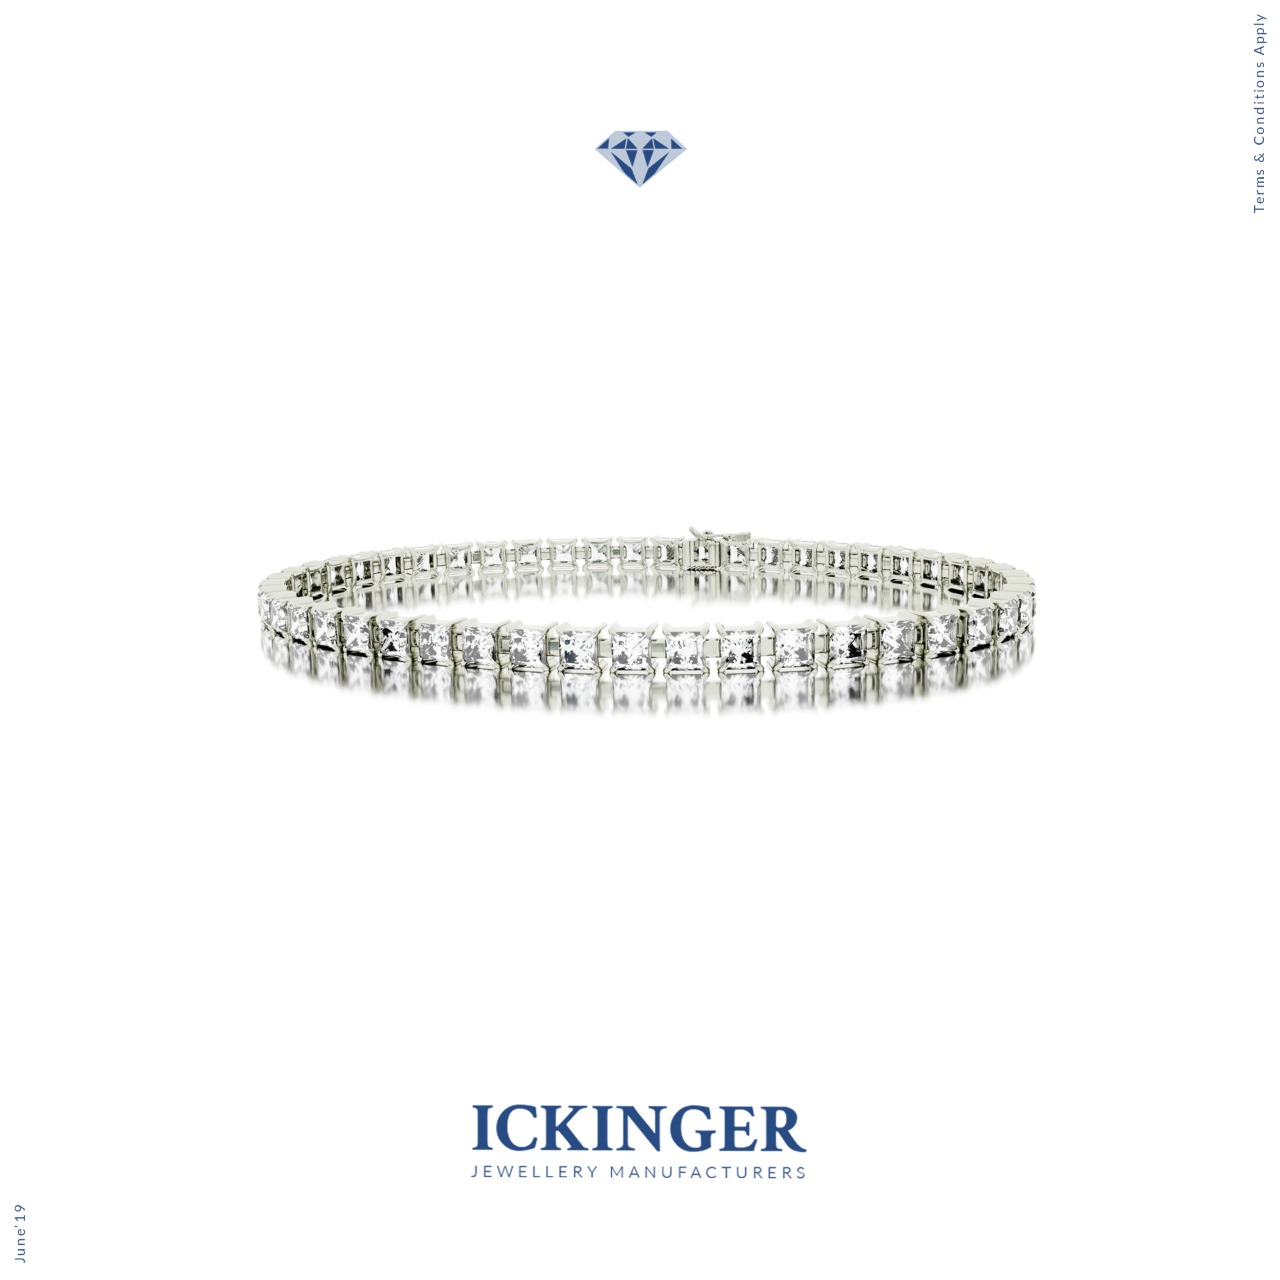 white gold moissanite diamond tennis bracelet ickinger. Black Bedroom Furniture Sets. Home Design Ideas